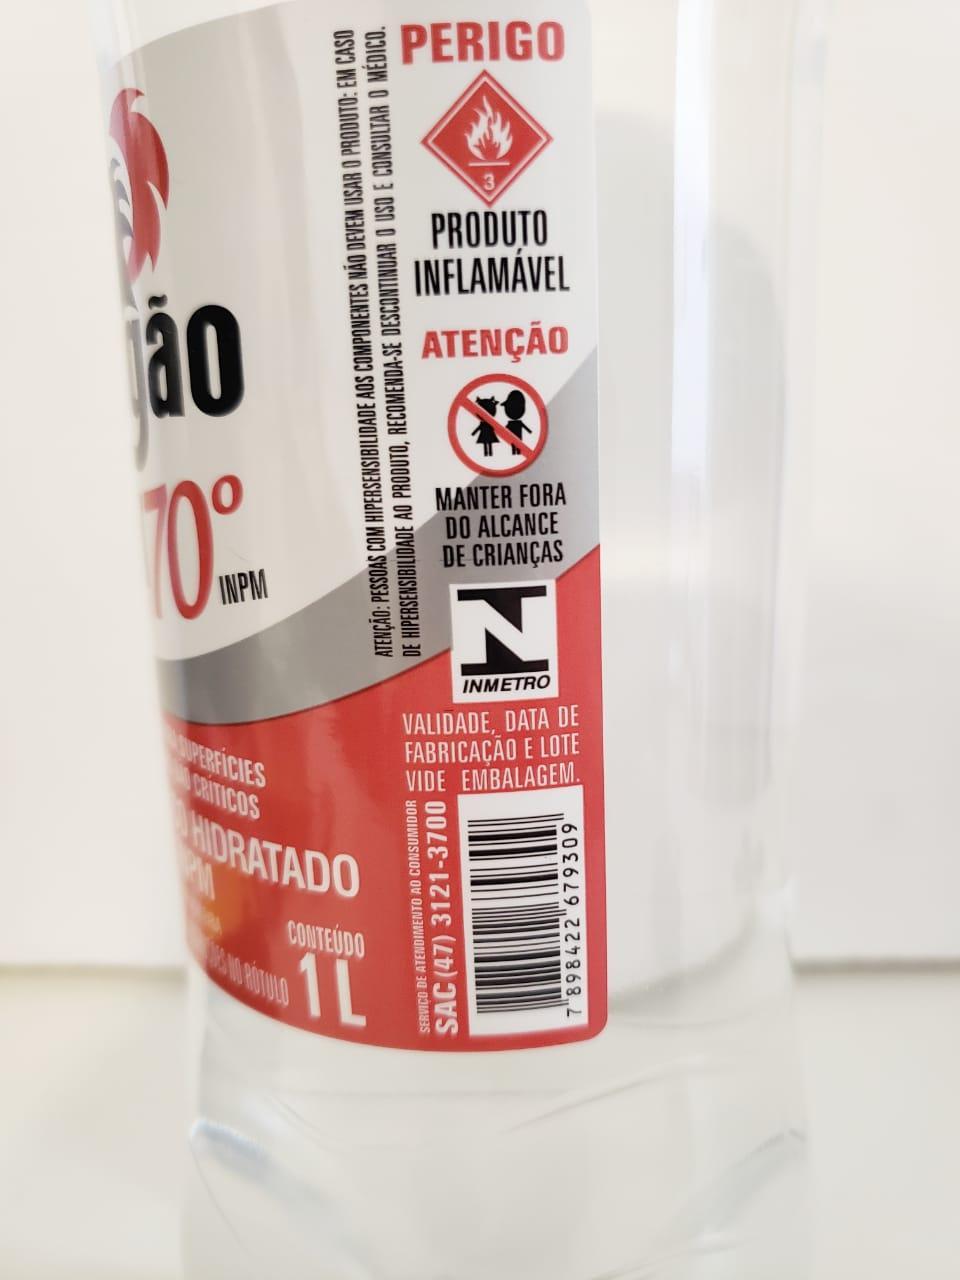 Álcool Etílico 70º INPM Dragão - 1L